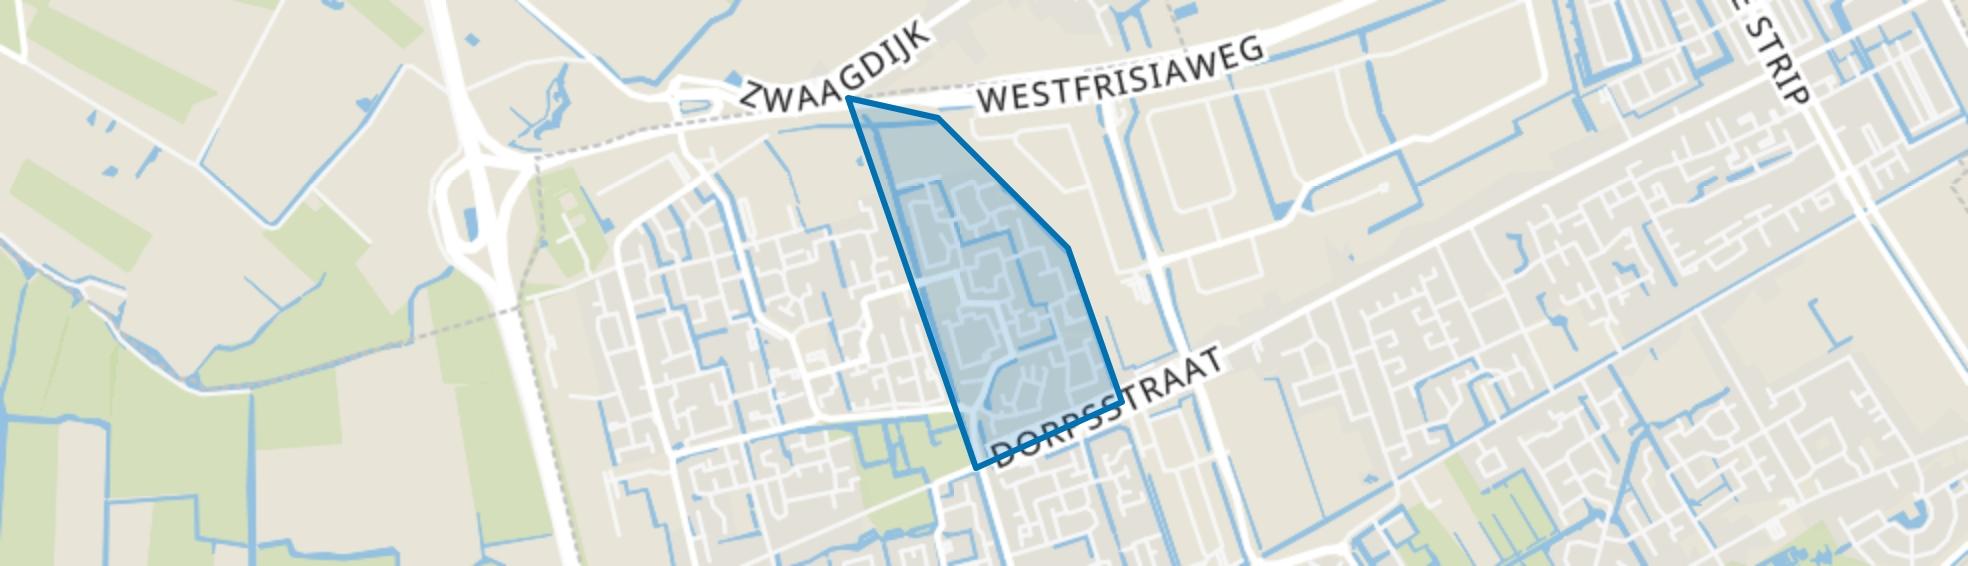 Risdam-Noord - Buurt 21 00, Zwaag map